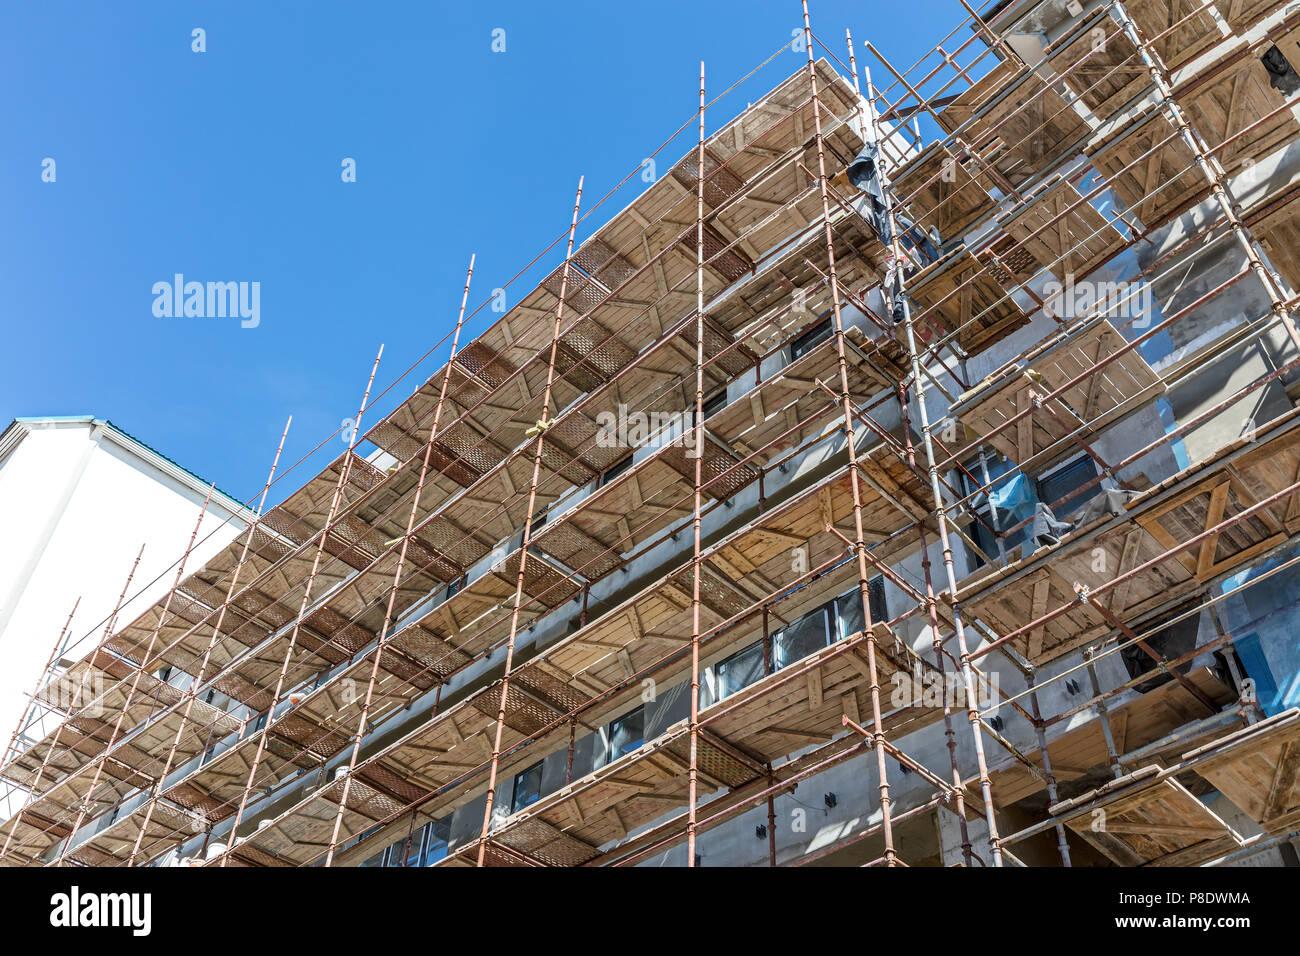 Alte Gebaude Im Umbau Die Warmedammung Der Fassade Stockfoto Bild